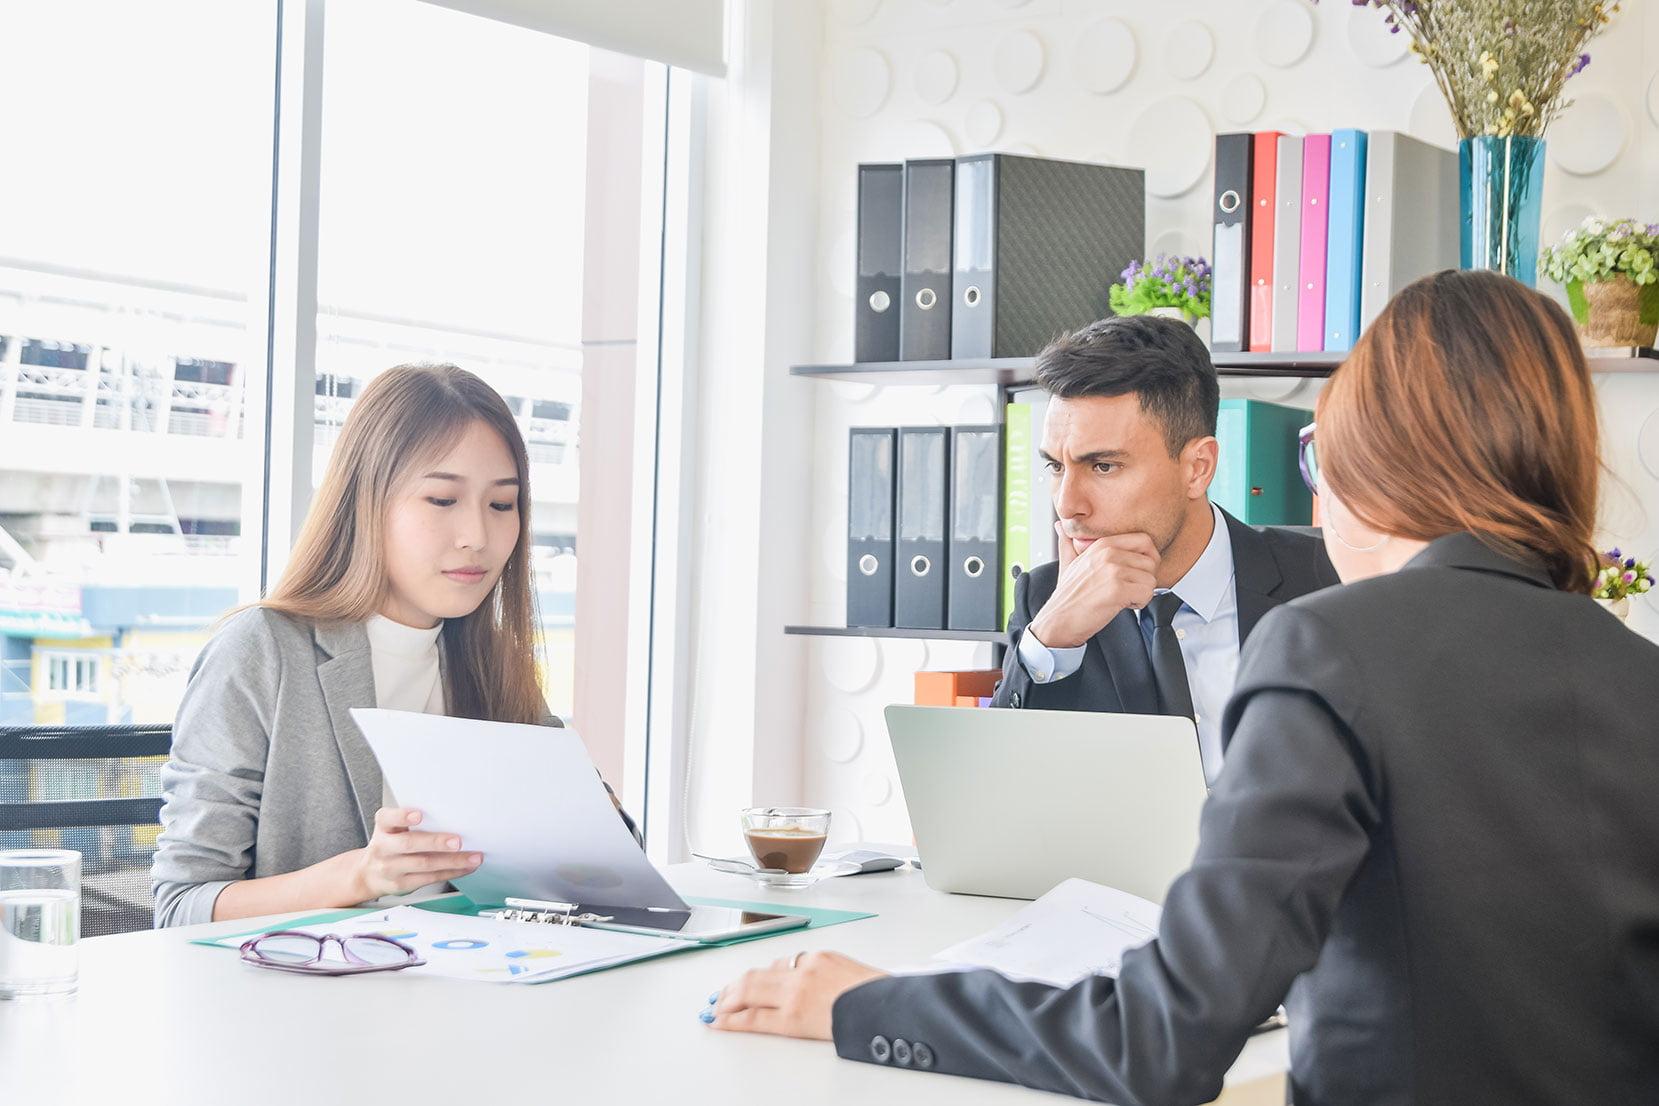 Equipe trabalhando pensando em uma liderança ligada a tecnologia